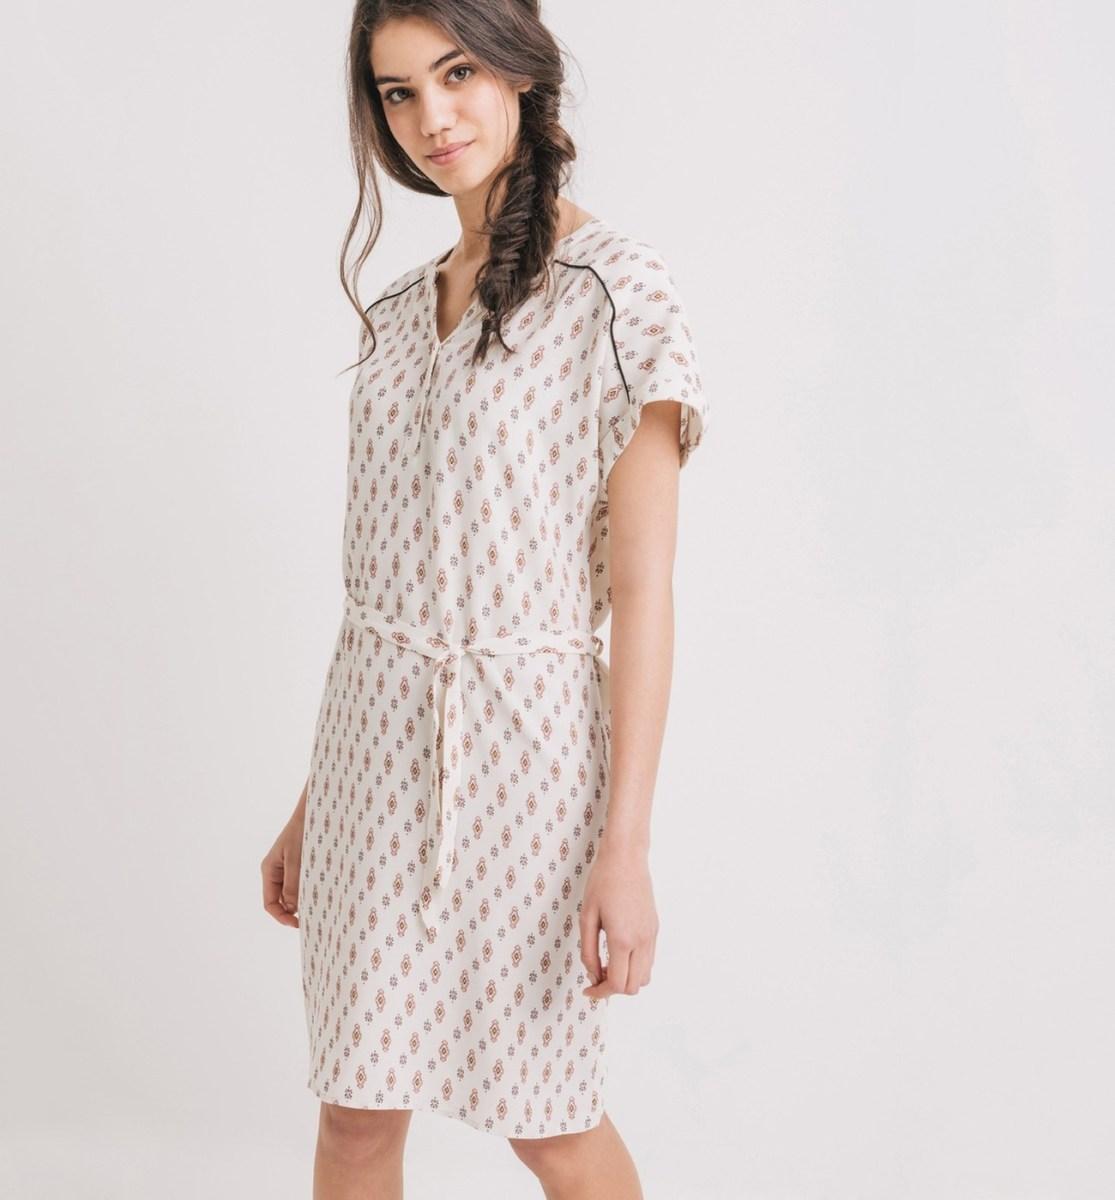 robe-tunique-femme--gz415179-s4-produit-1300x1399